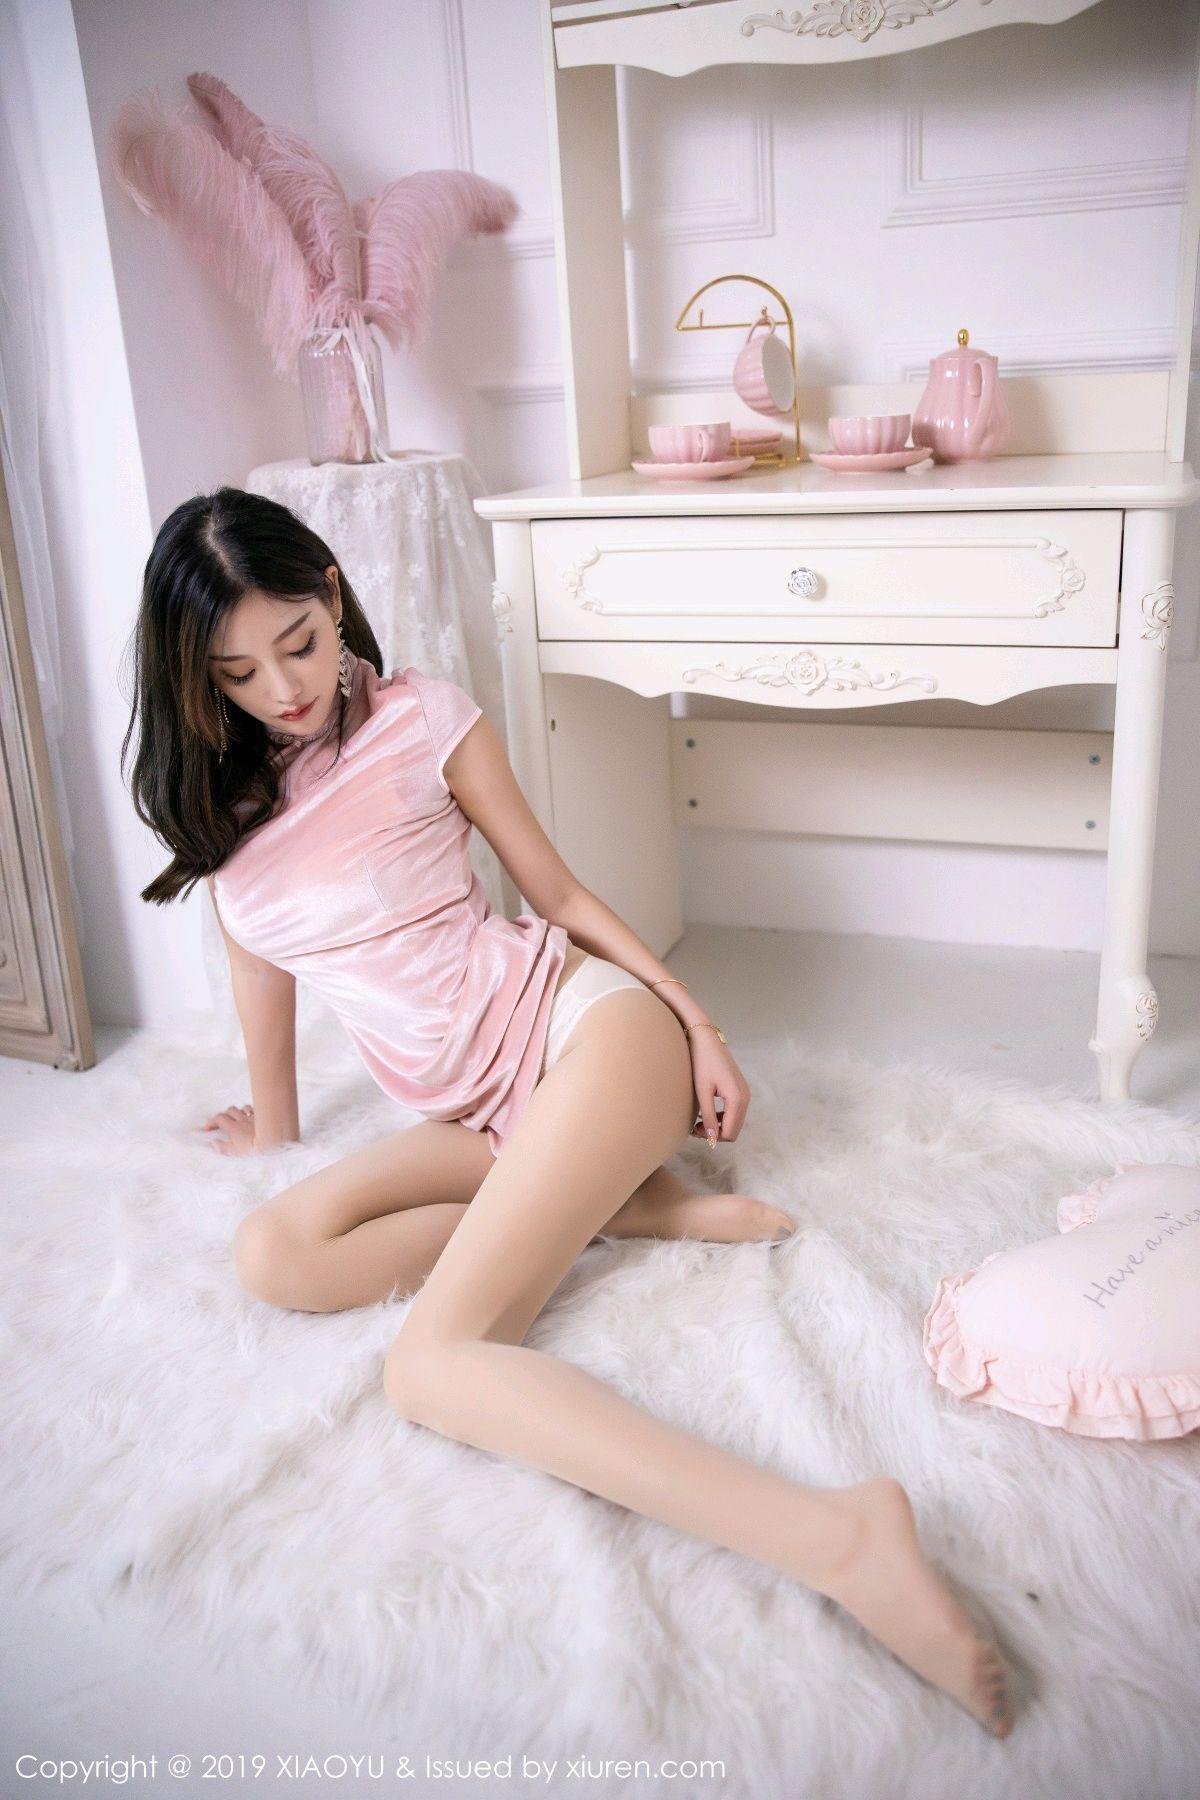 [XiaoYu] Vol.114 Yang Chen Chen 41P, Cheongsam, Foot, XiaoYu, Yang Chen Chen